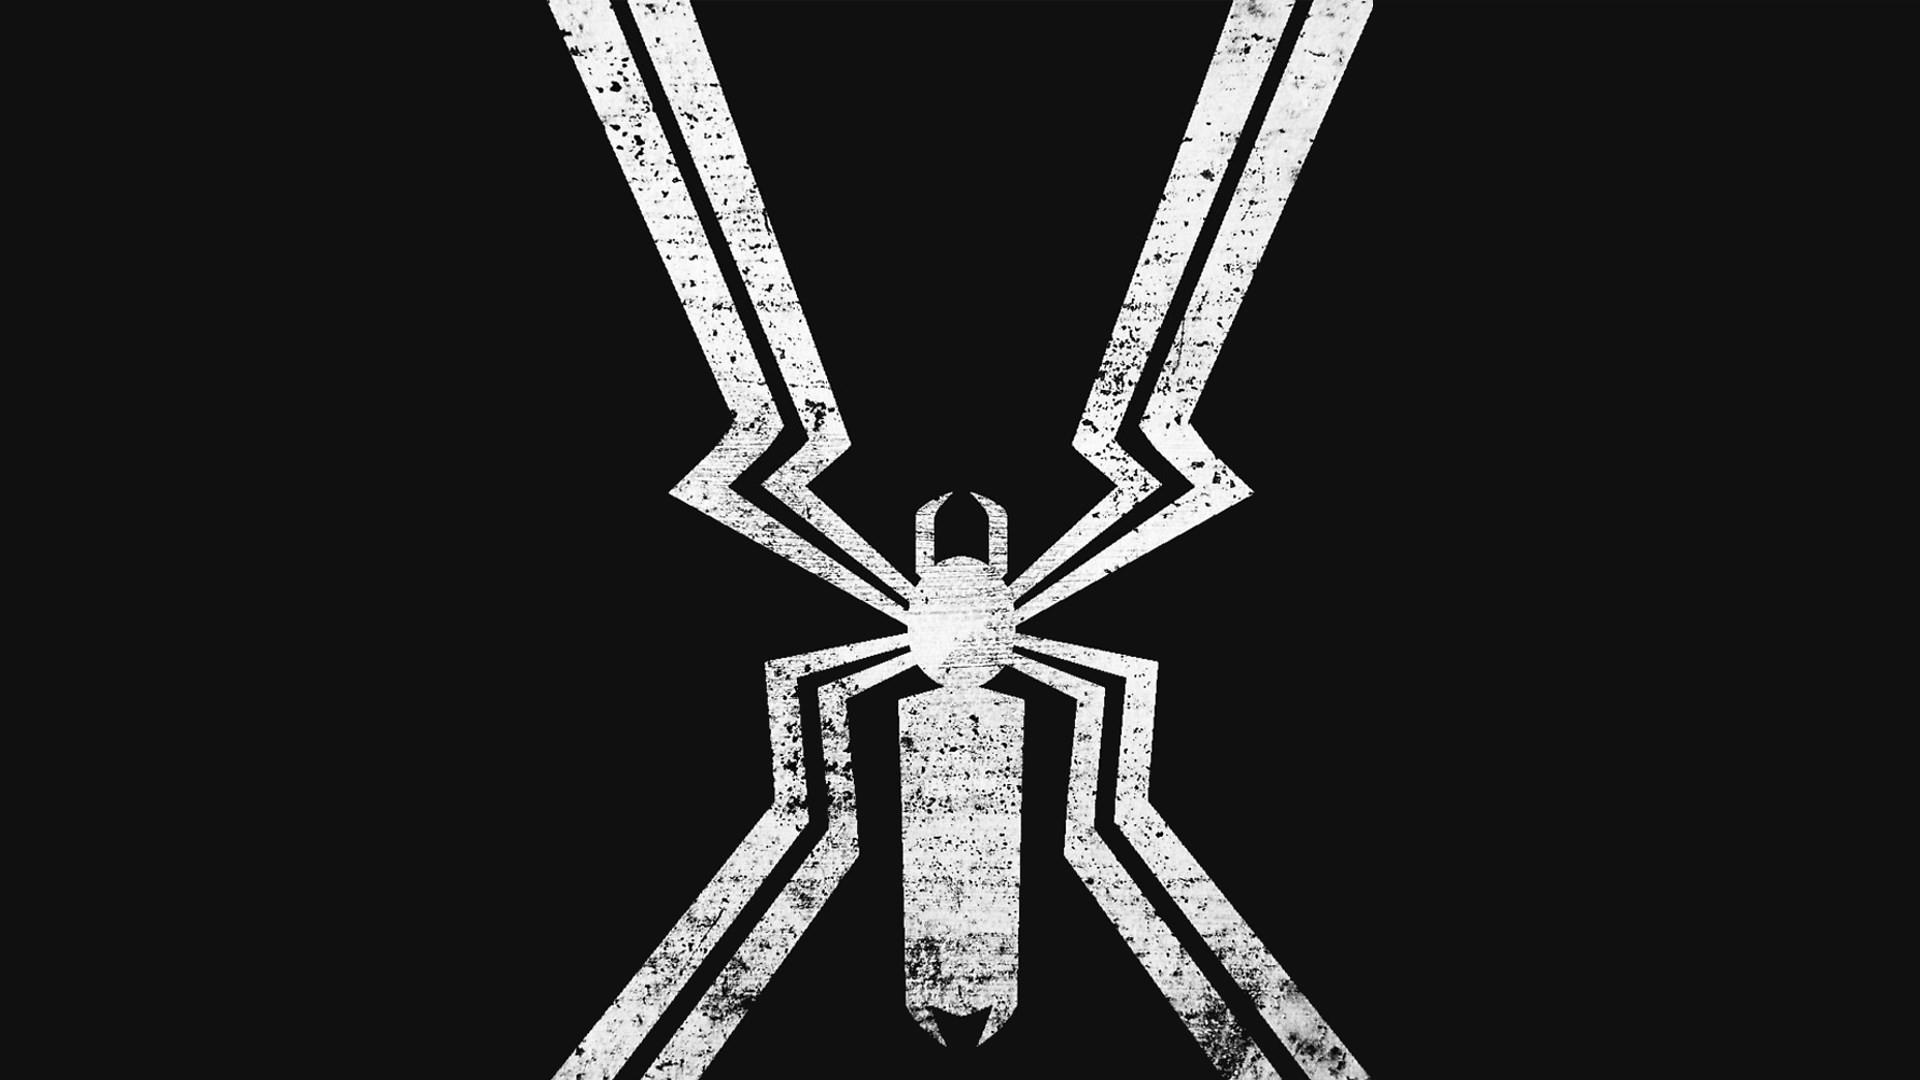 agent venom free hd widescreen